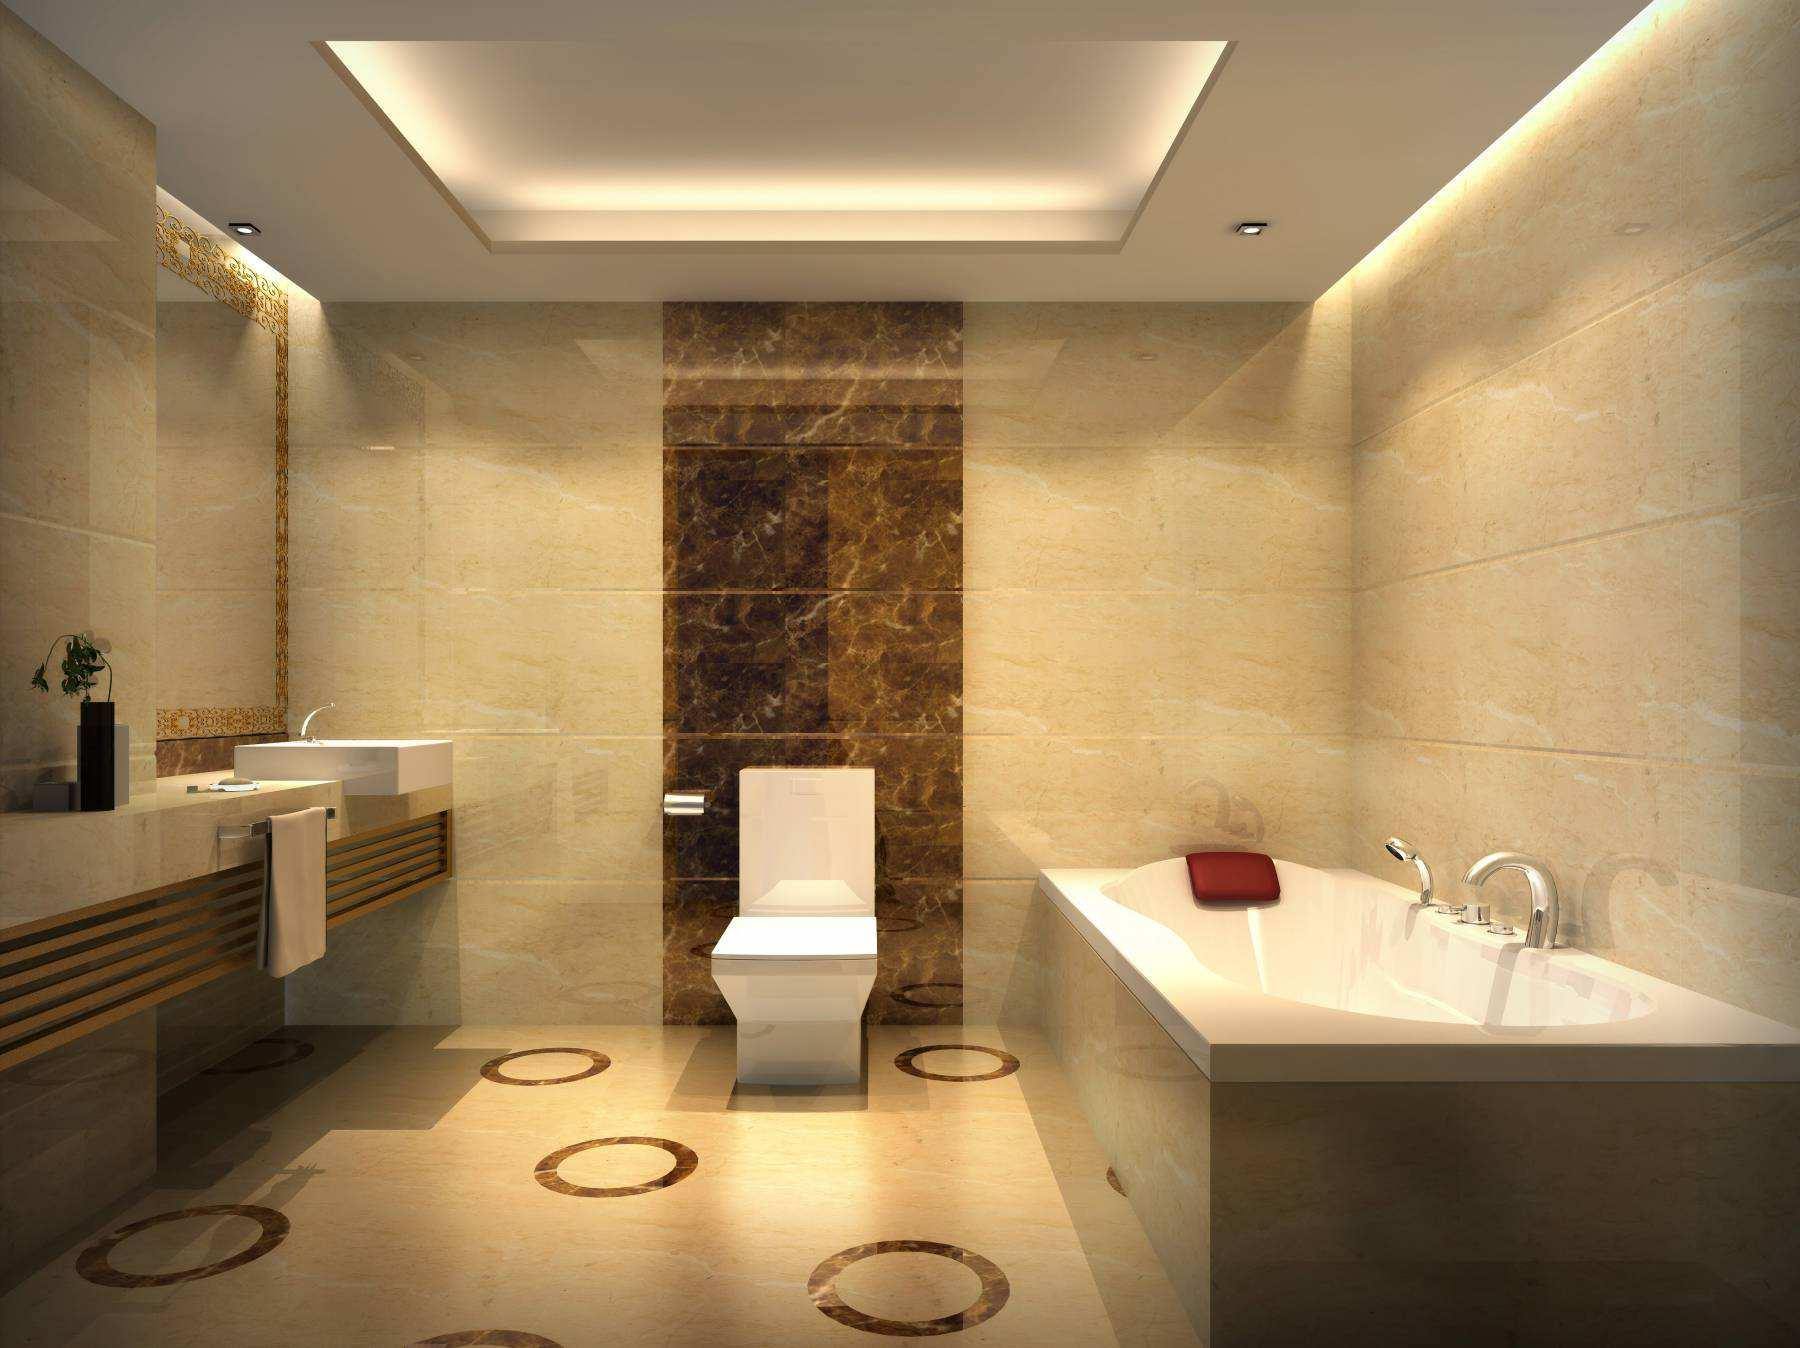 衛生間墻磚施工工藝及施工的要點